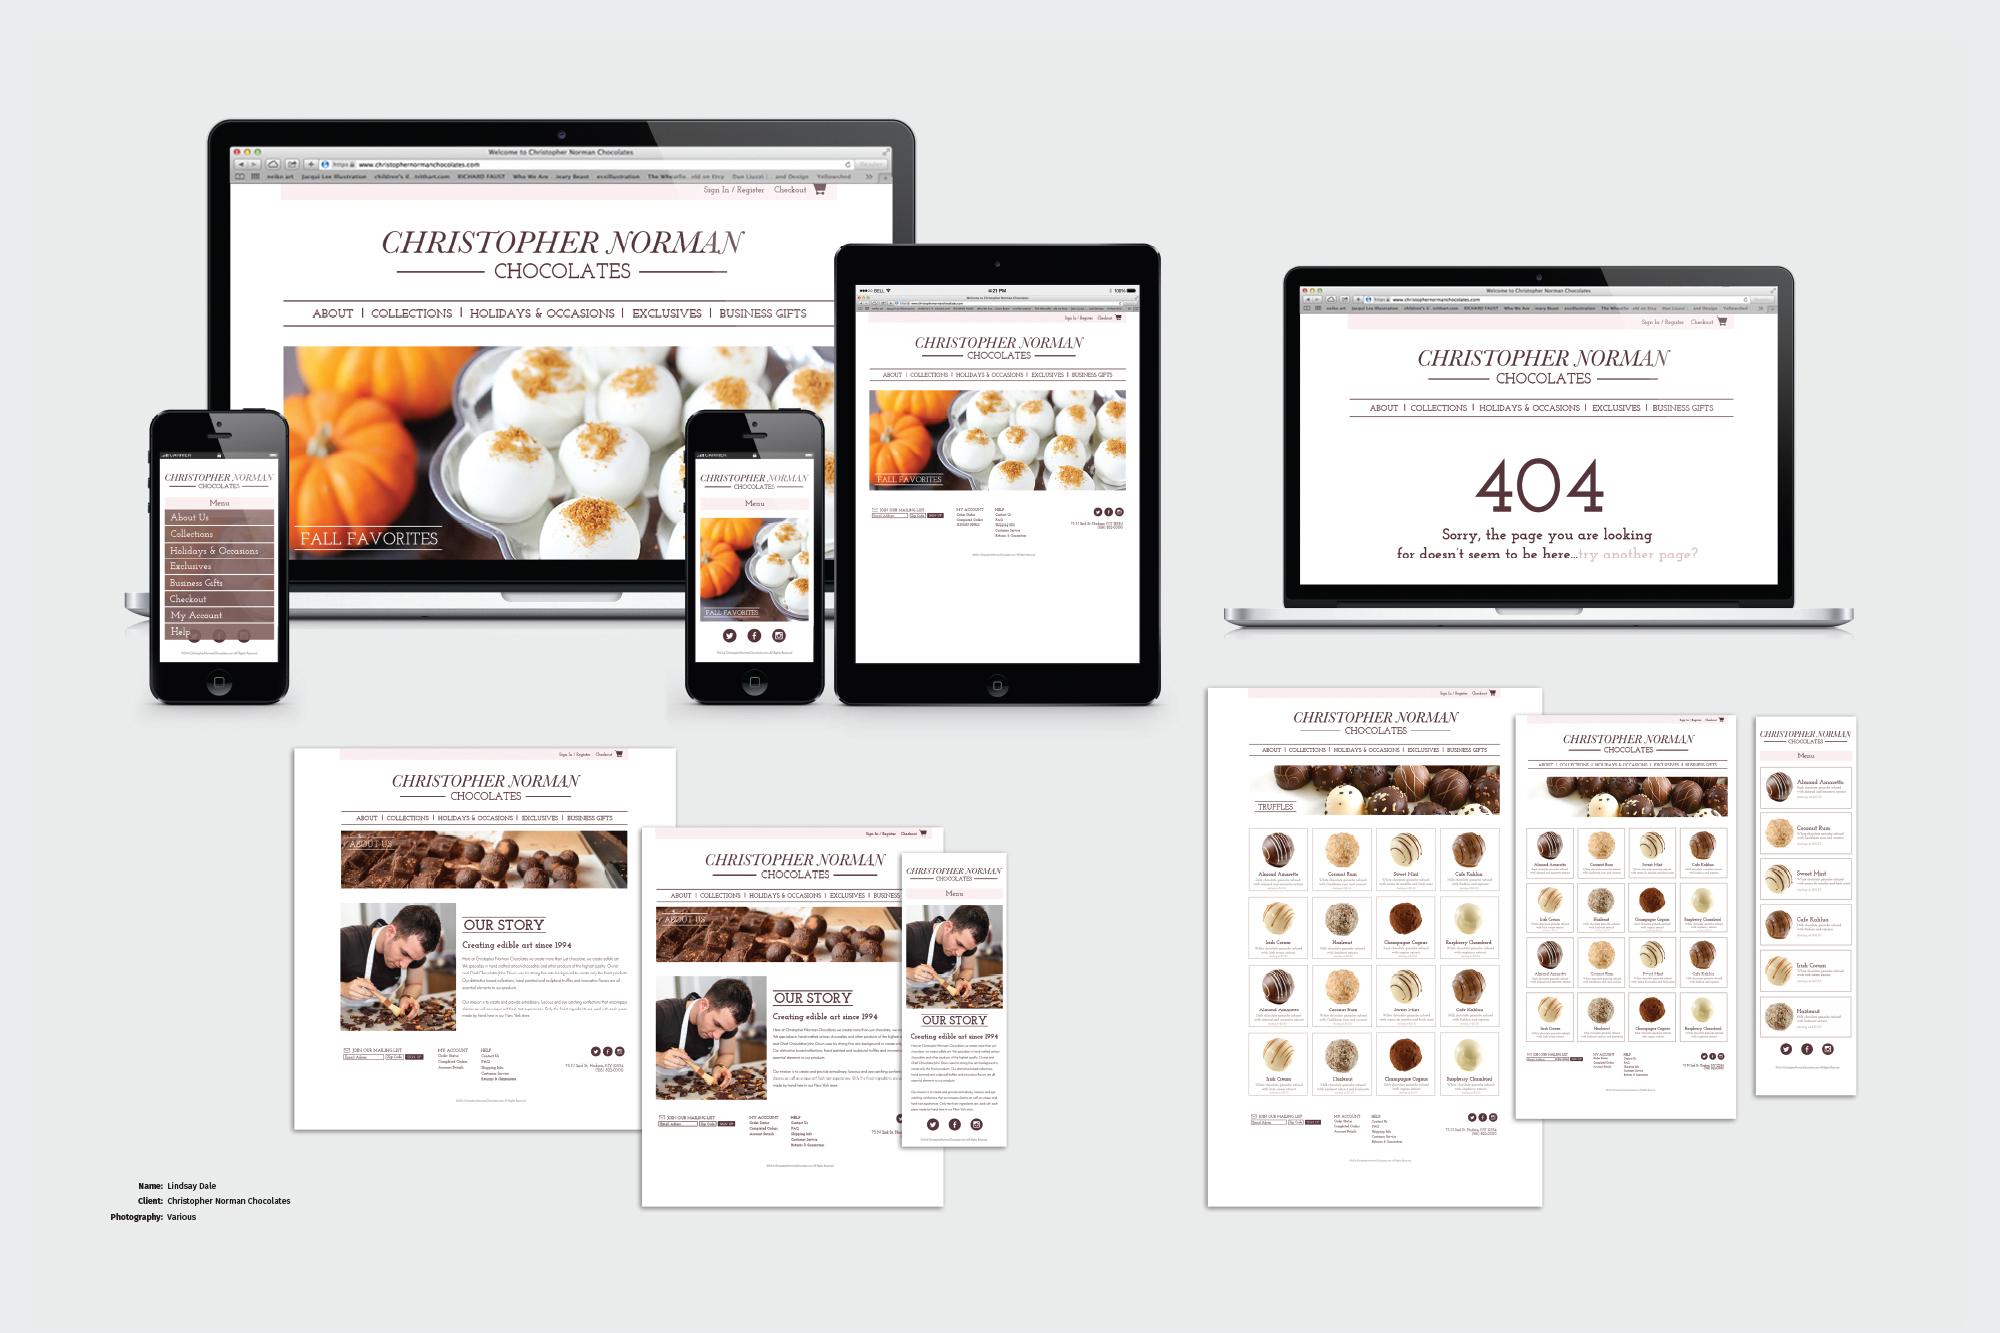 ADVE3630_Bennett_Responsive Site Design_Lindsay_Dale.jpg